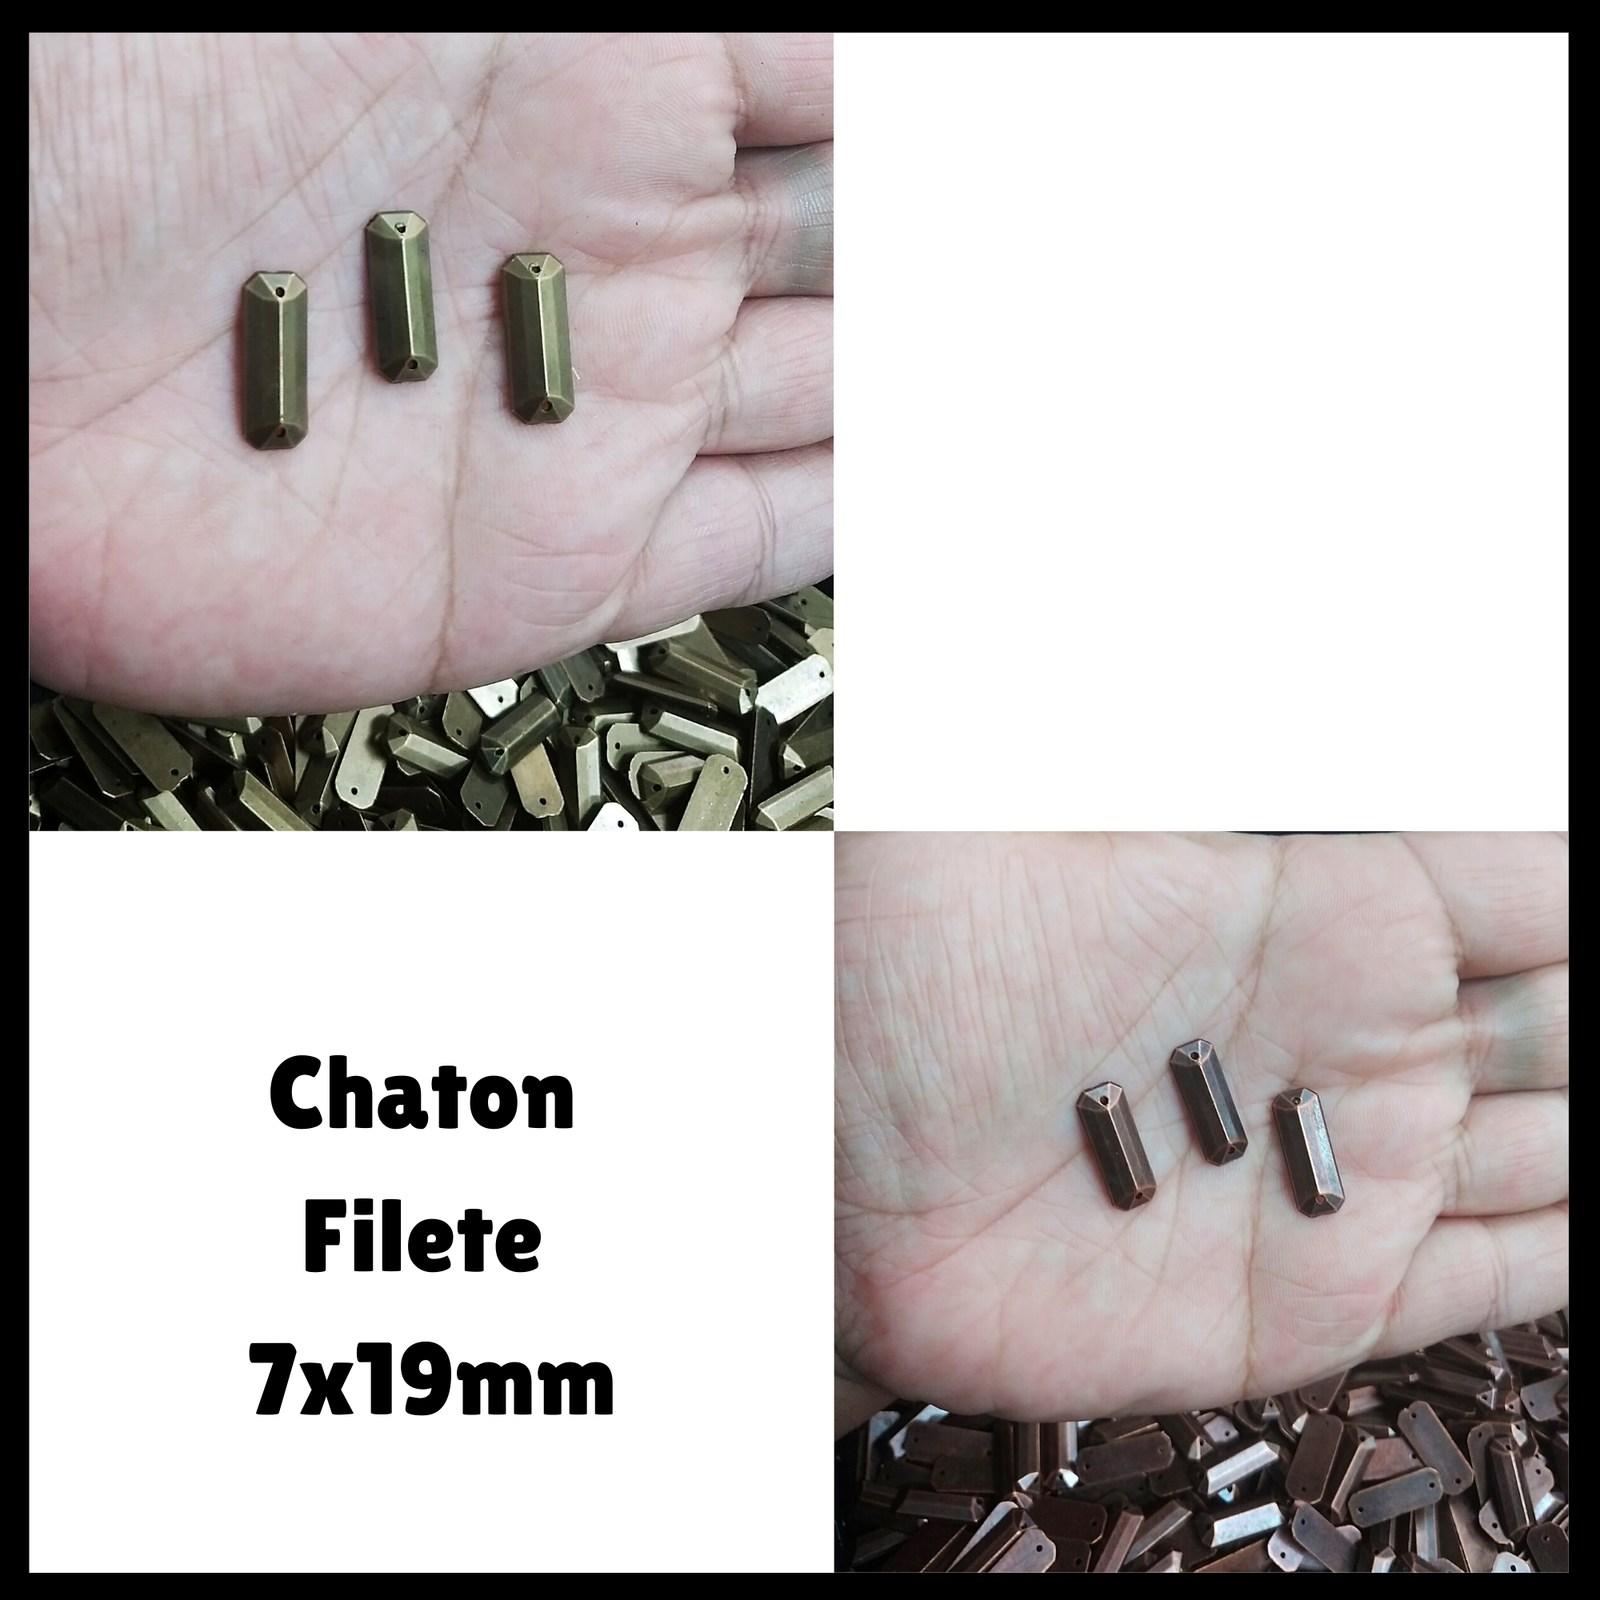 Chaton ABS  Filete 7x19mm 250g